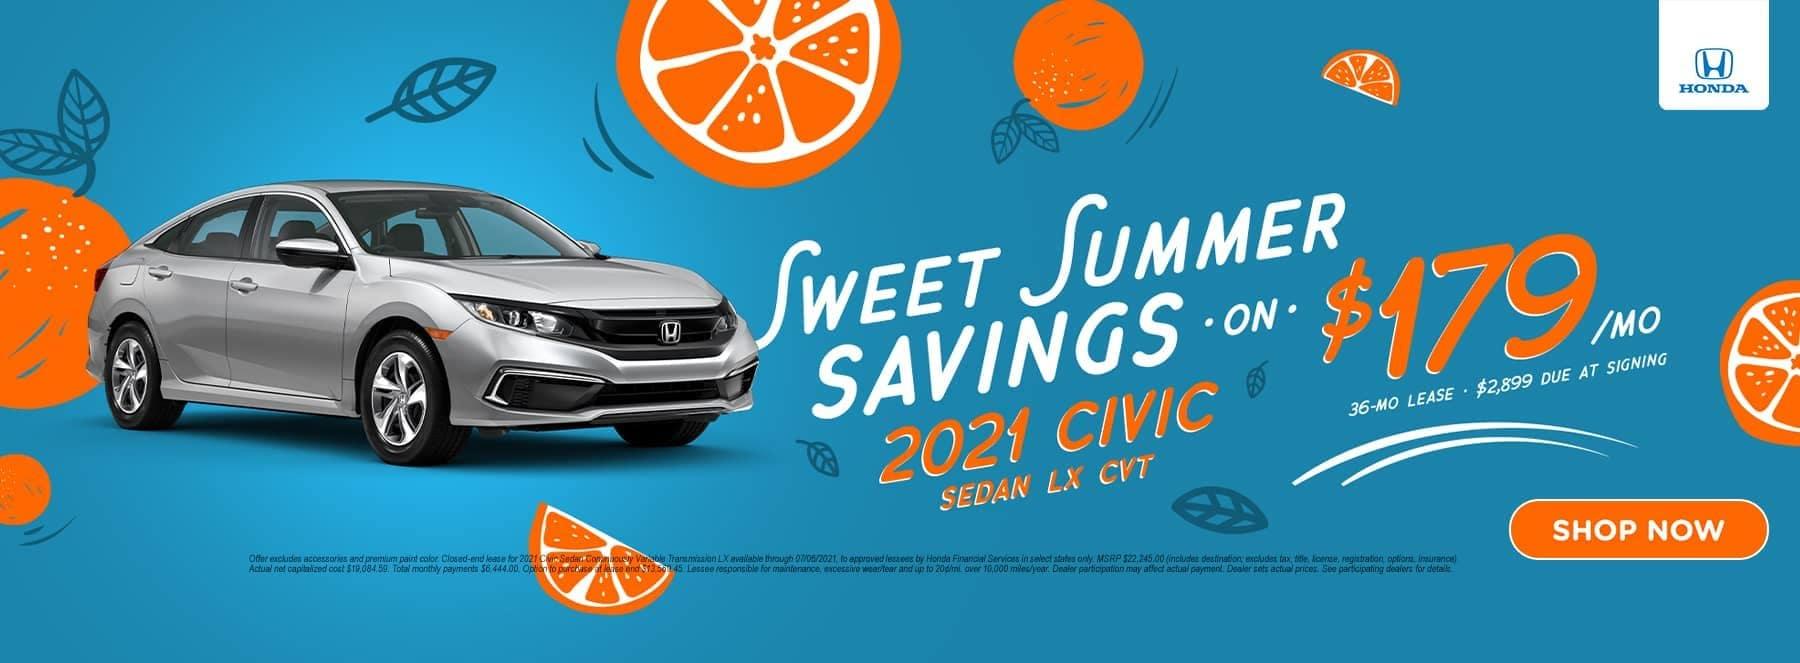 Sweet Summer Savings 2021 Civic Sedan LX CVT